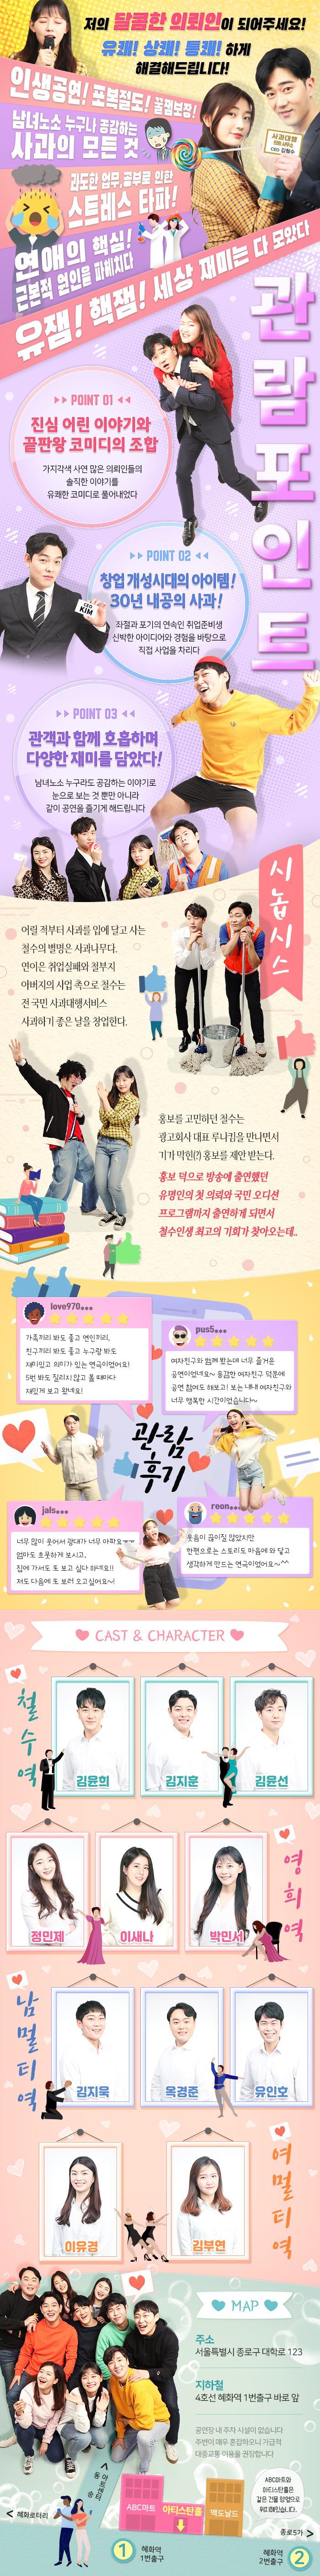 연극 달콤한 의뢰인_상세페이지 (1).jpg